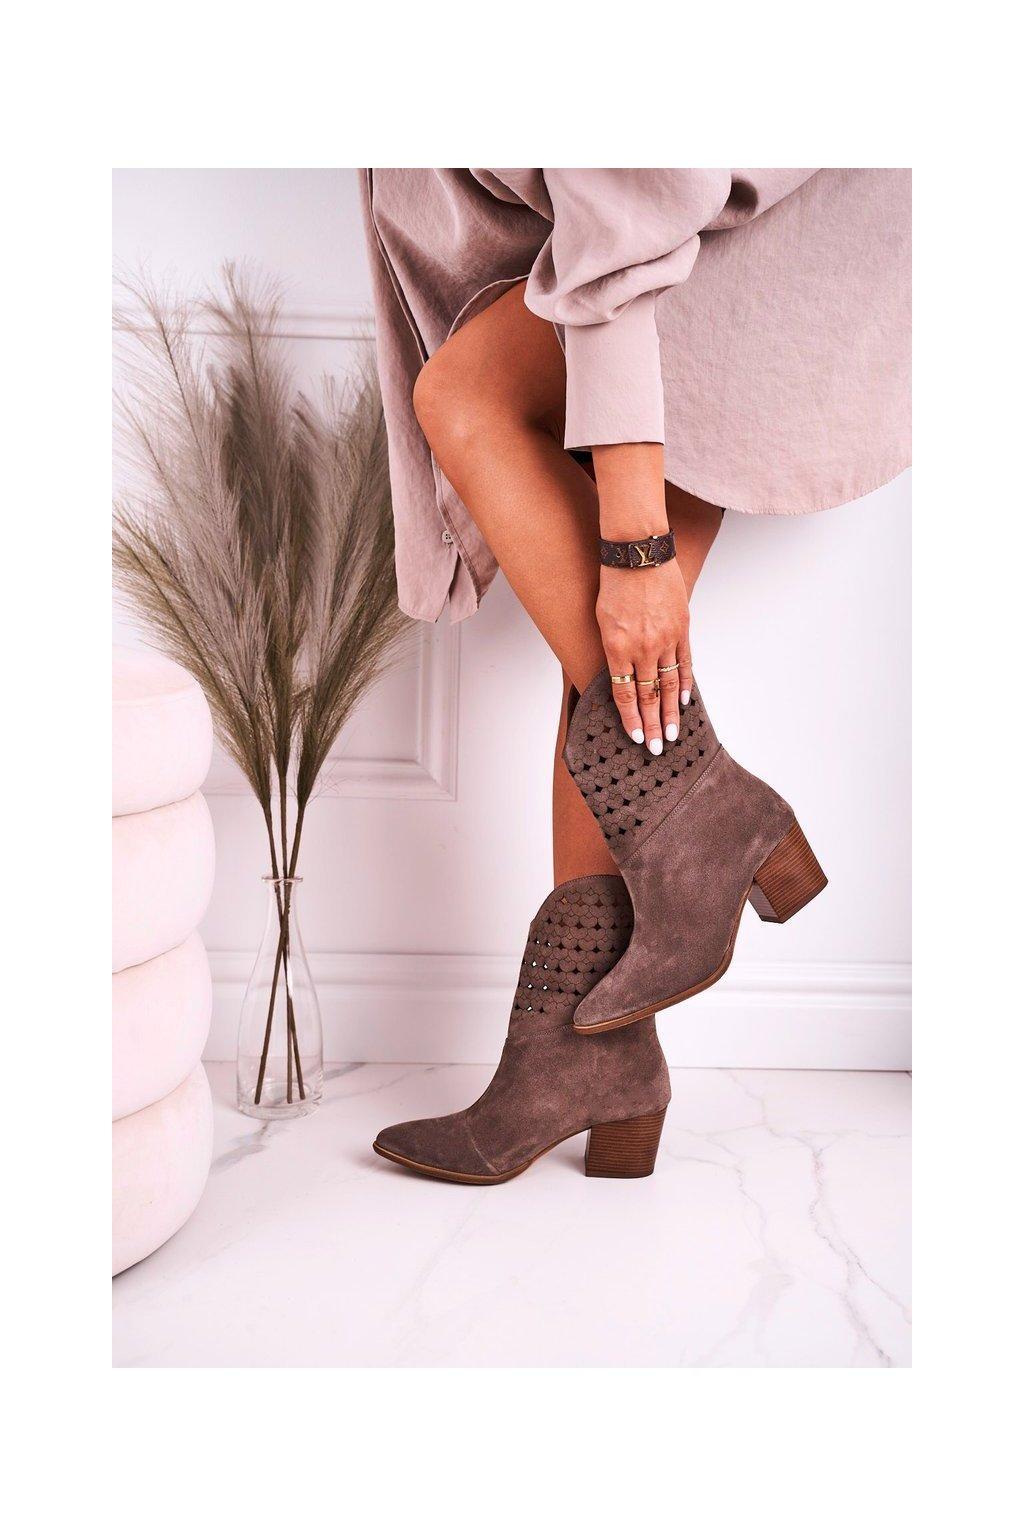 Členkové topánky na podpätku farba hnedá NJSK 2611/032 BROWN